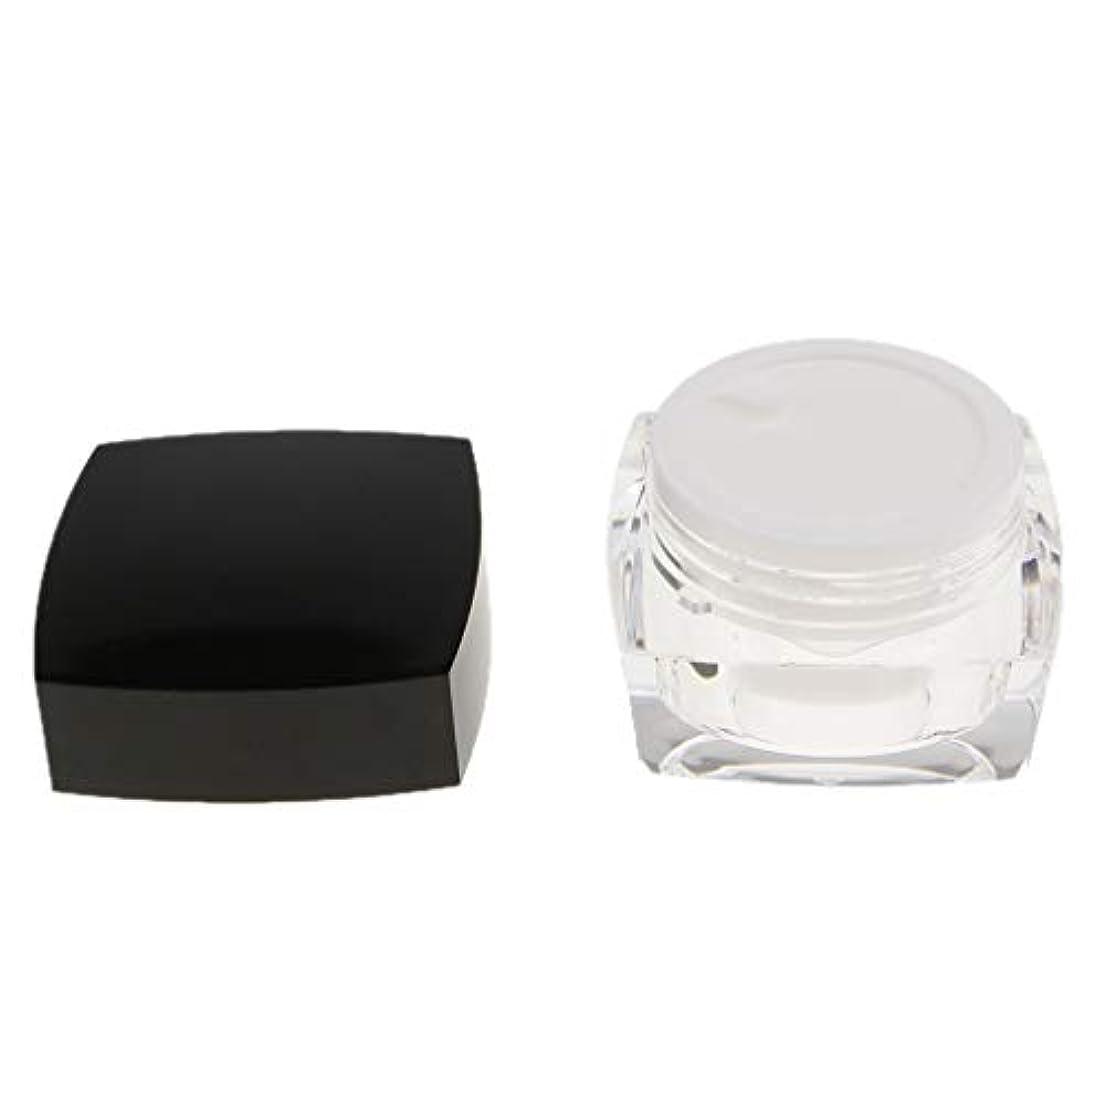 池主観的照らす化粧品容器 プロ 容器 メイクアップ クリームジャー 瓶 小分けツール 2サイズ選べ - 30g